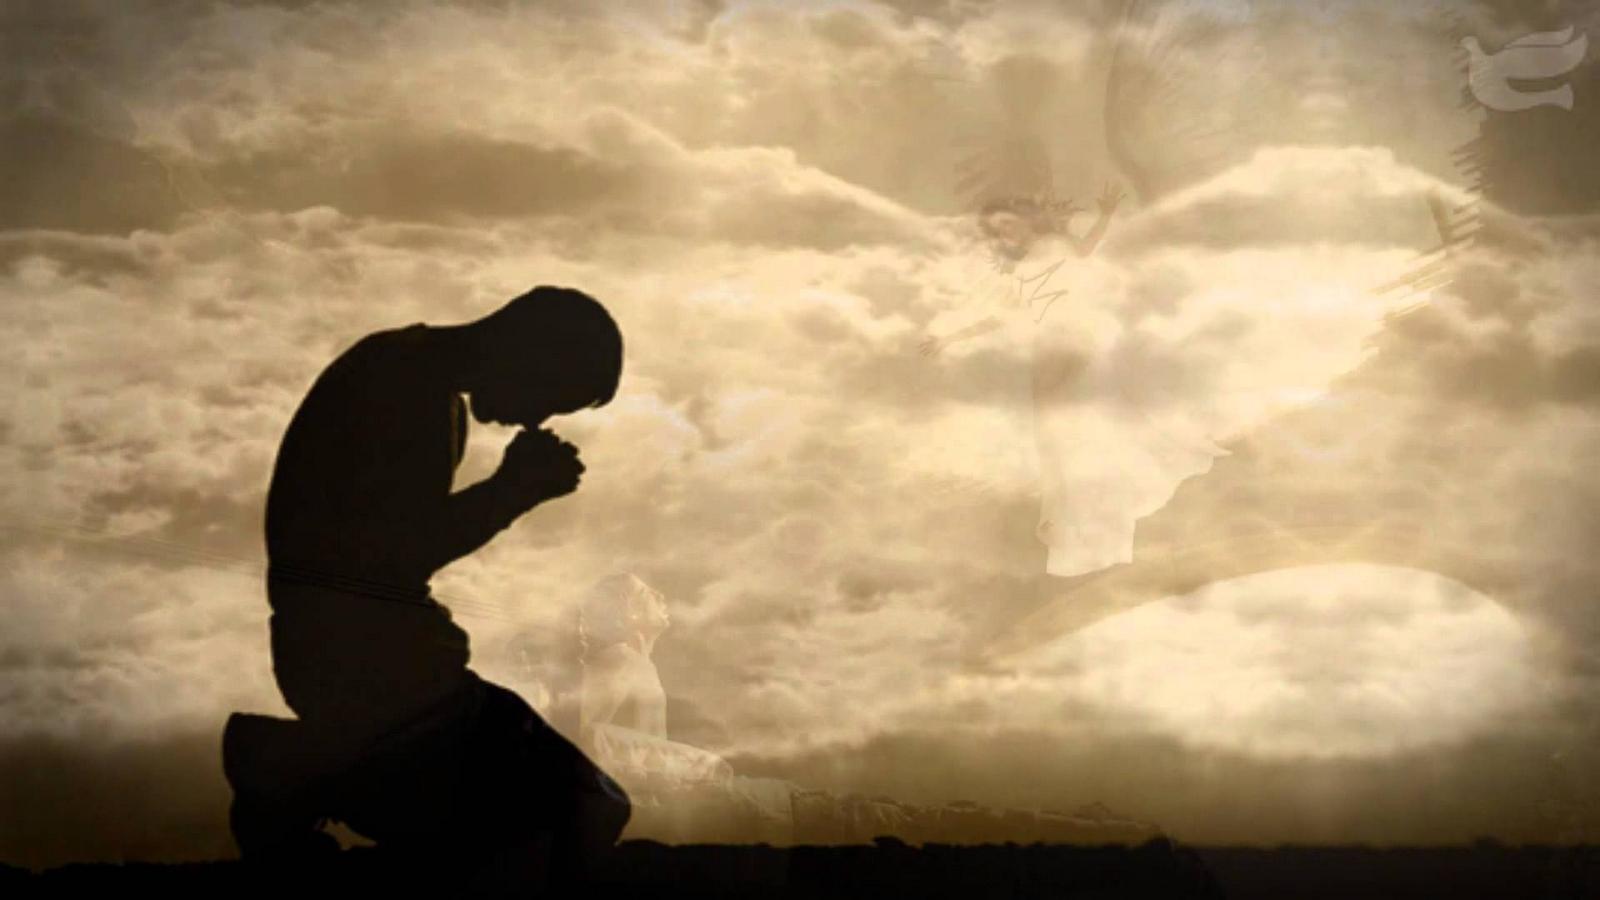 persona-en-penumbra-orando.jpg